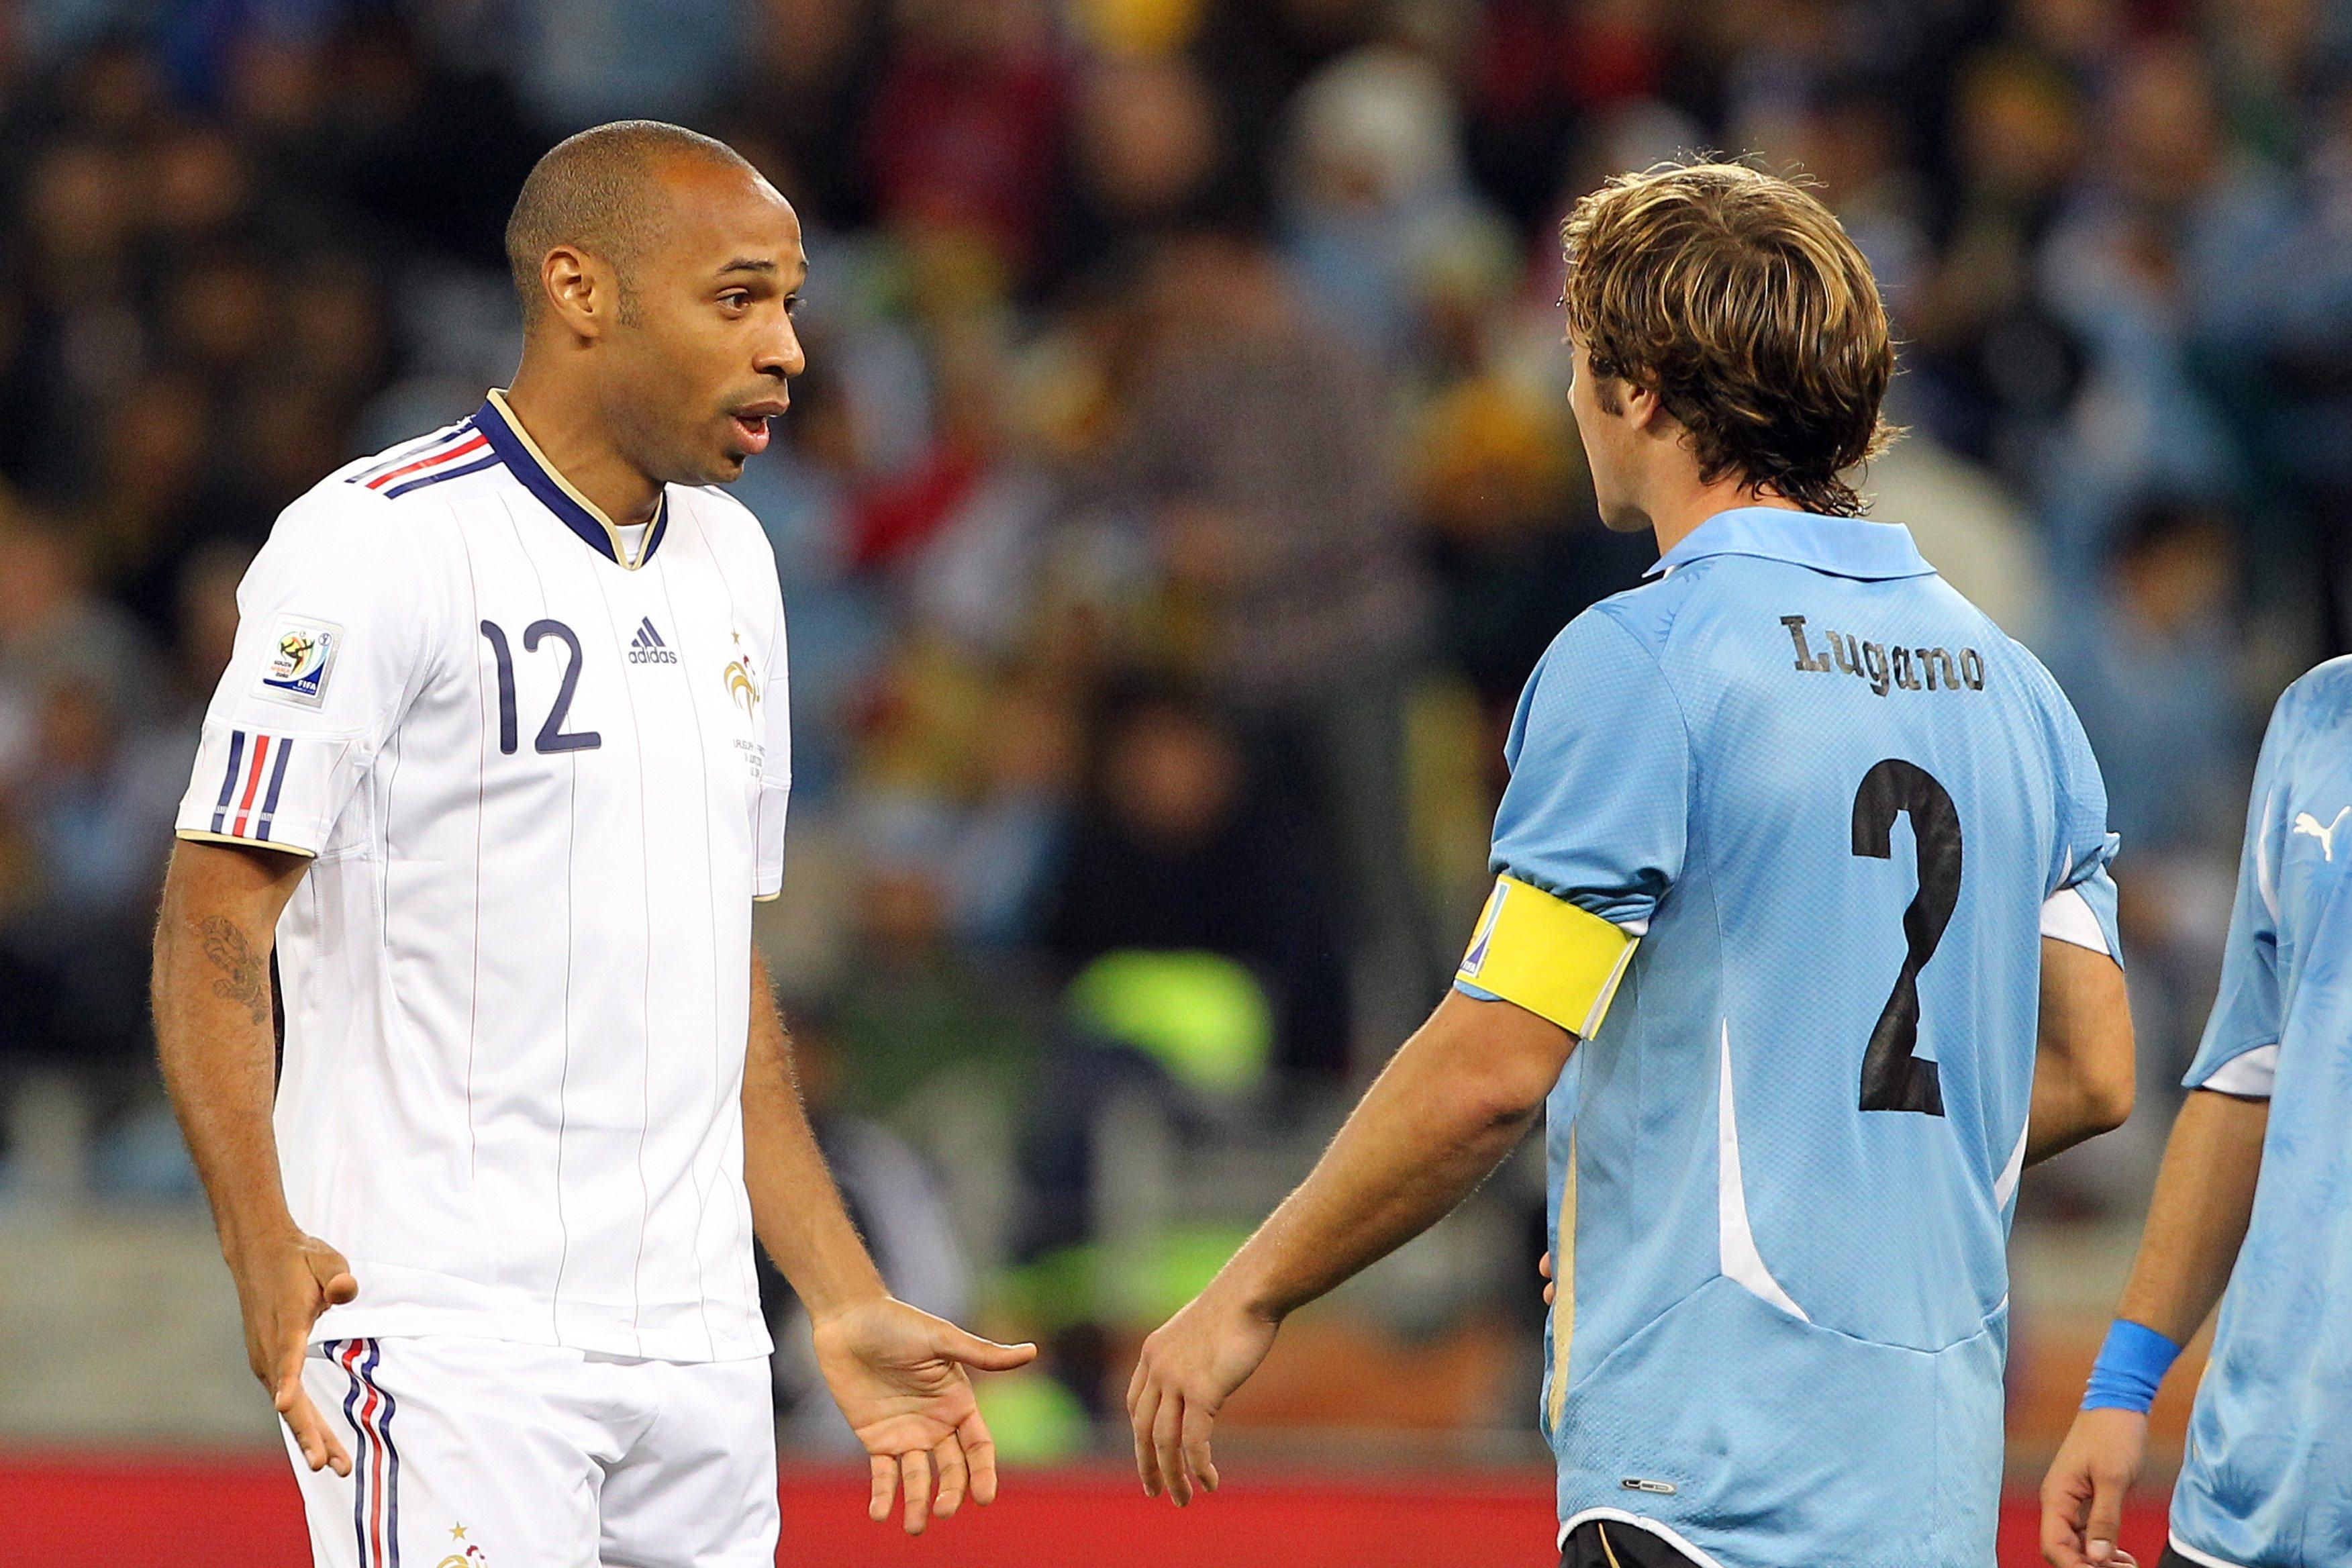 Coupe du monde 2018 marquer contre l 39 uruguay une vraie - Coupe du monde 2010 equipe de france ...